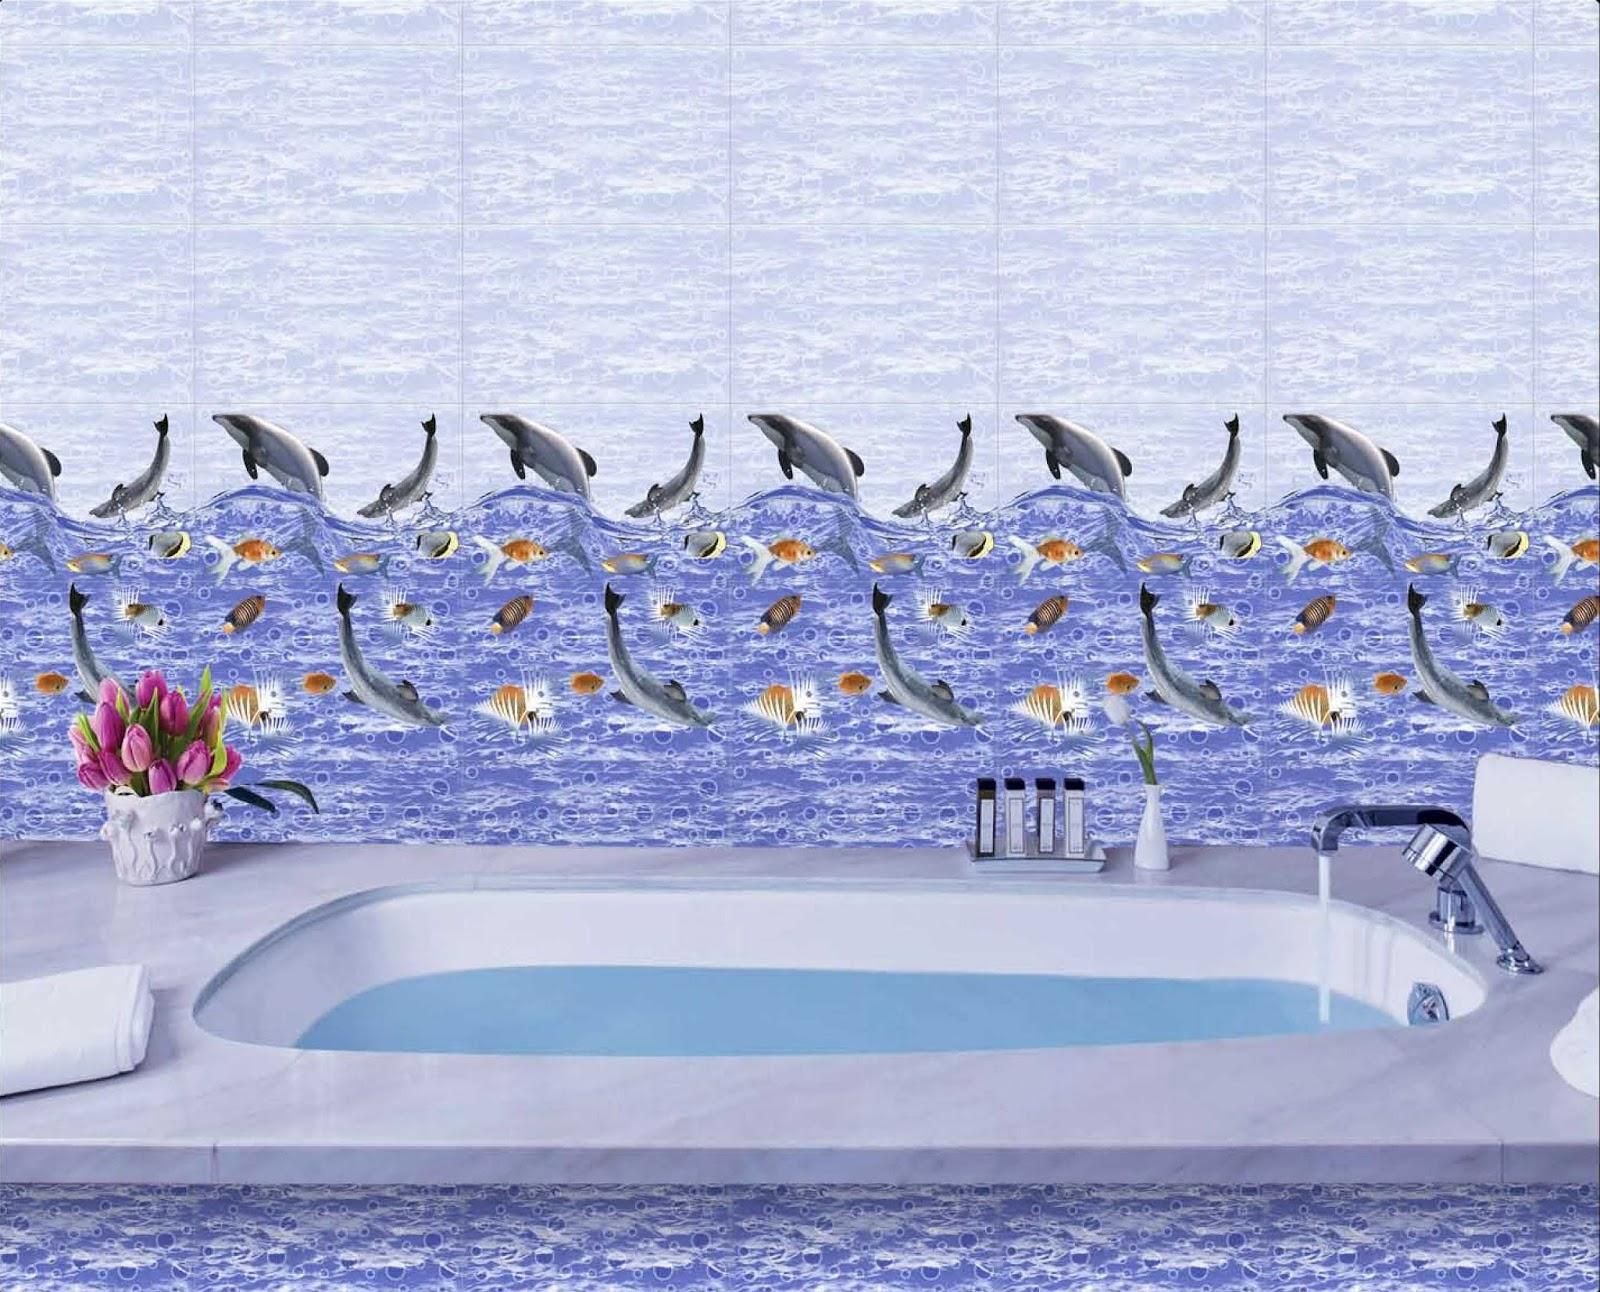 Bathroom ideas bathroom ideas get best tiles for your for Dolphin bathroom design